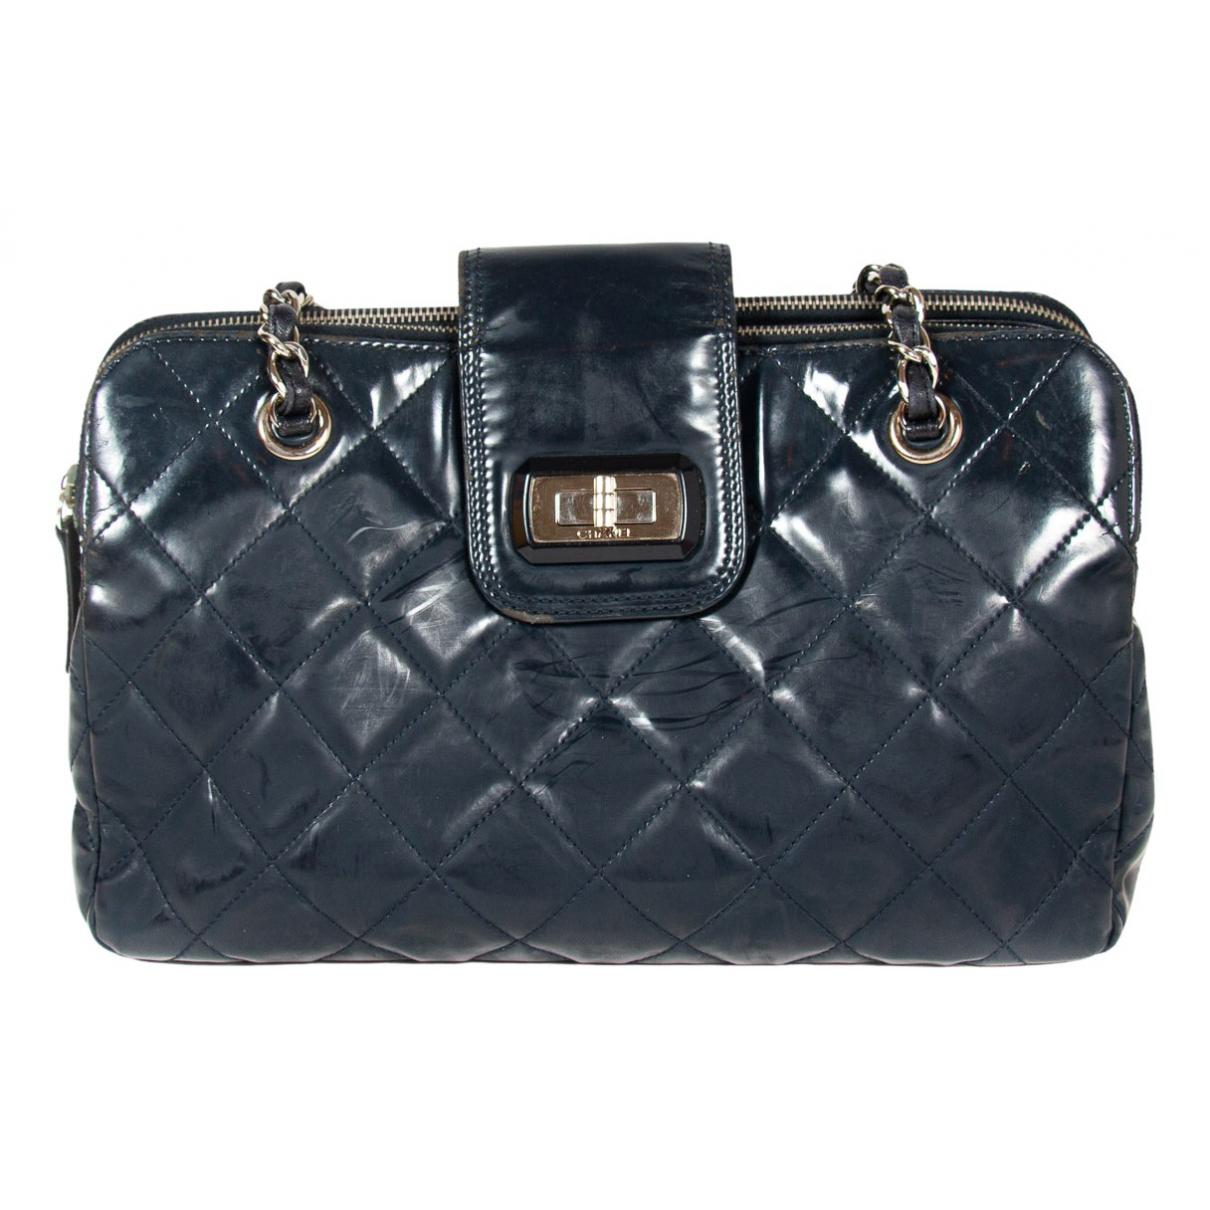 Chanel - Sac a main 2.55 pour femme en cuir verni - marine